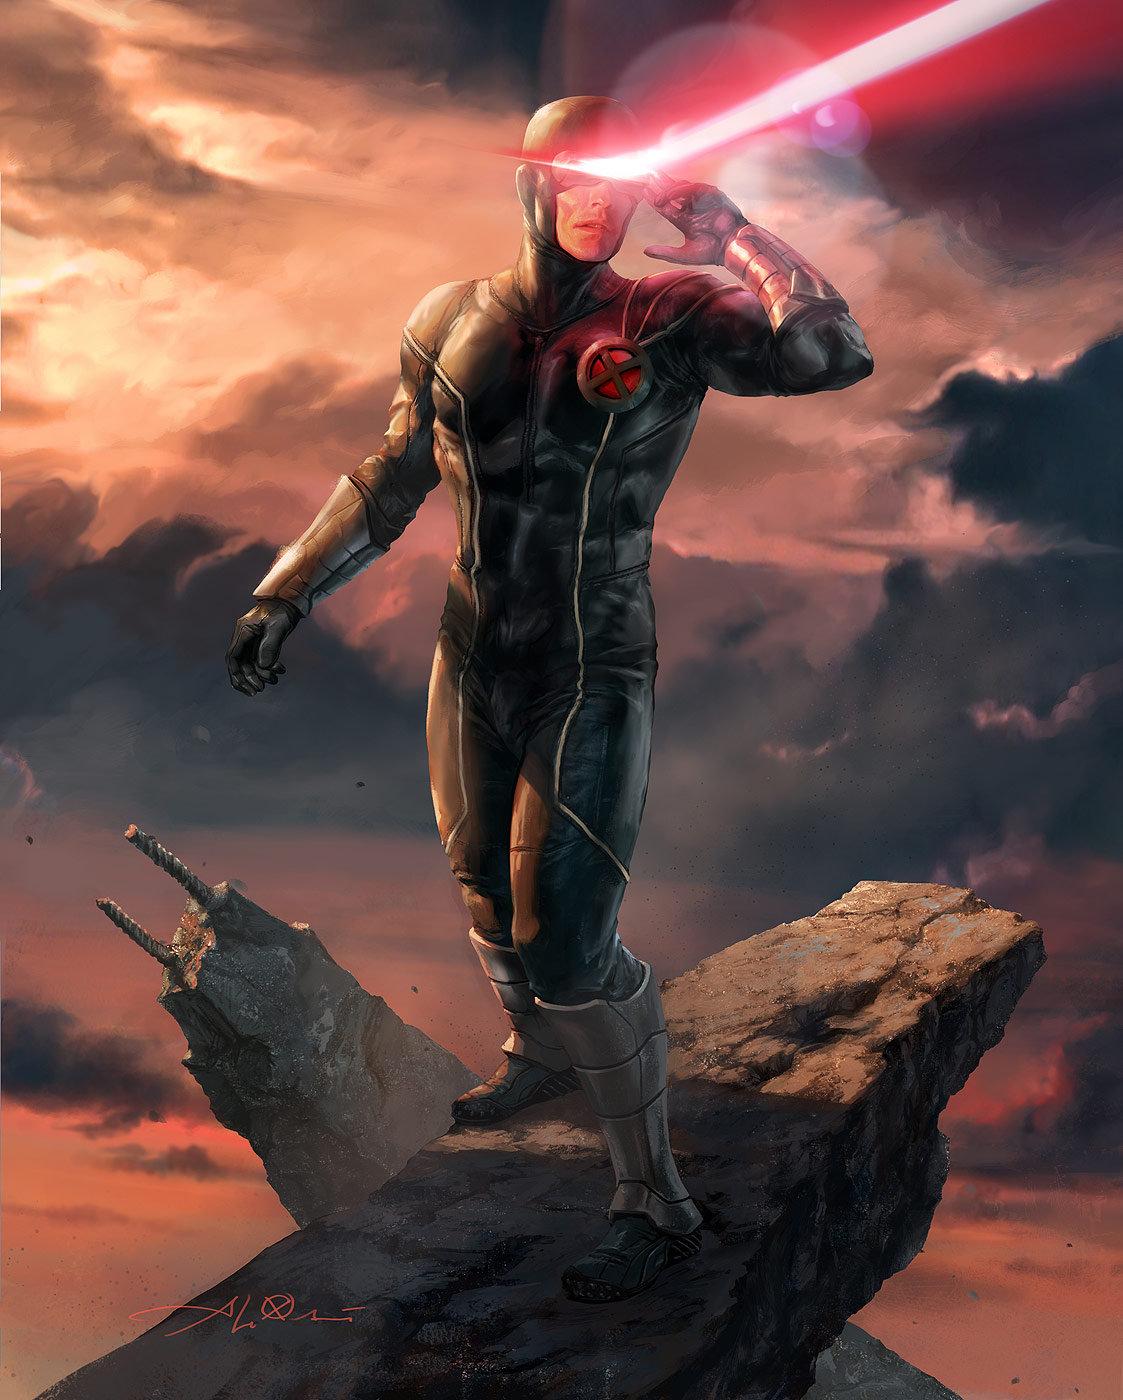 Aleksi briclot disneymarvel cyclops genuine leader final